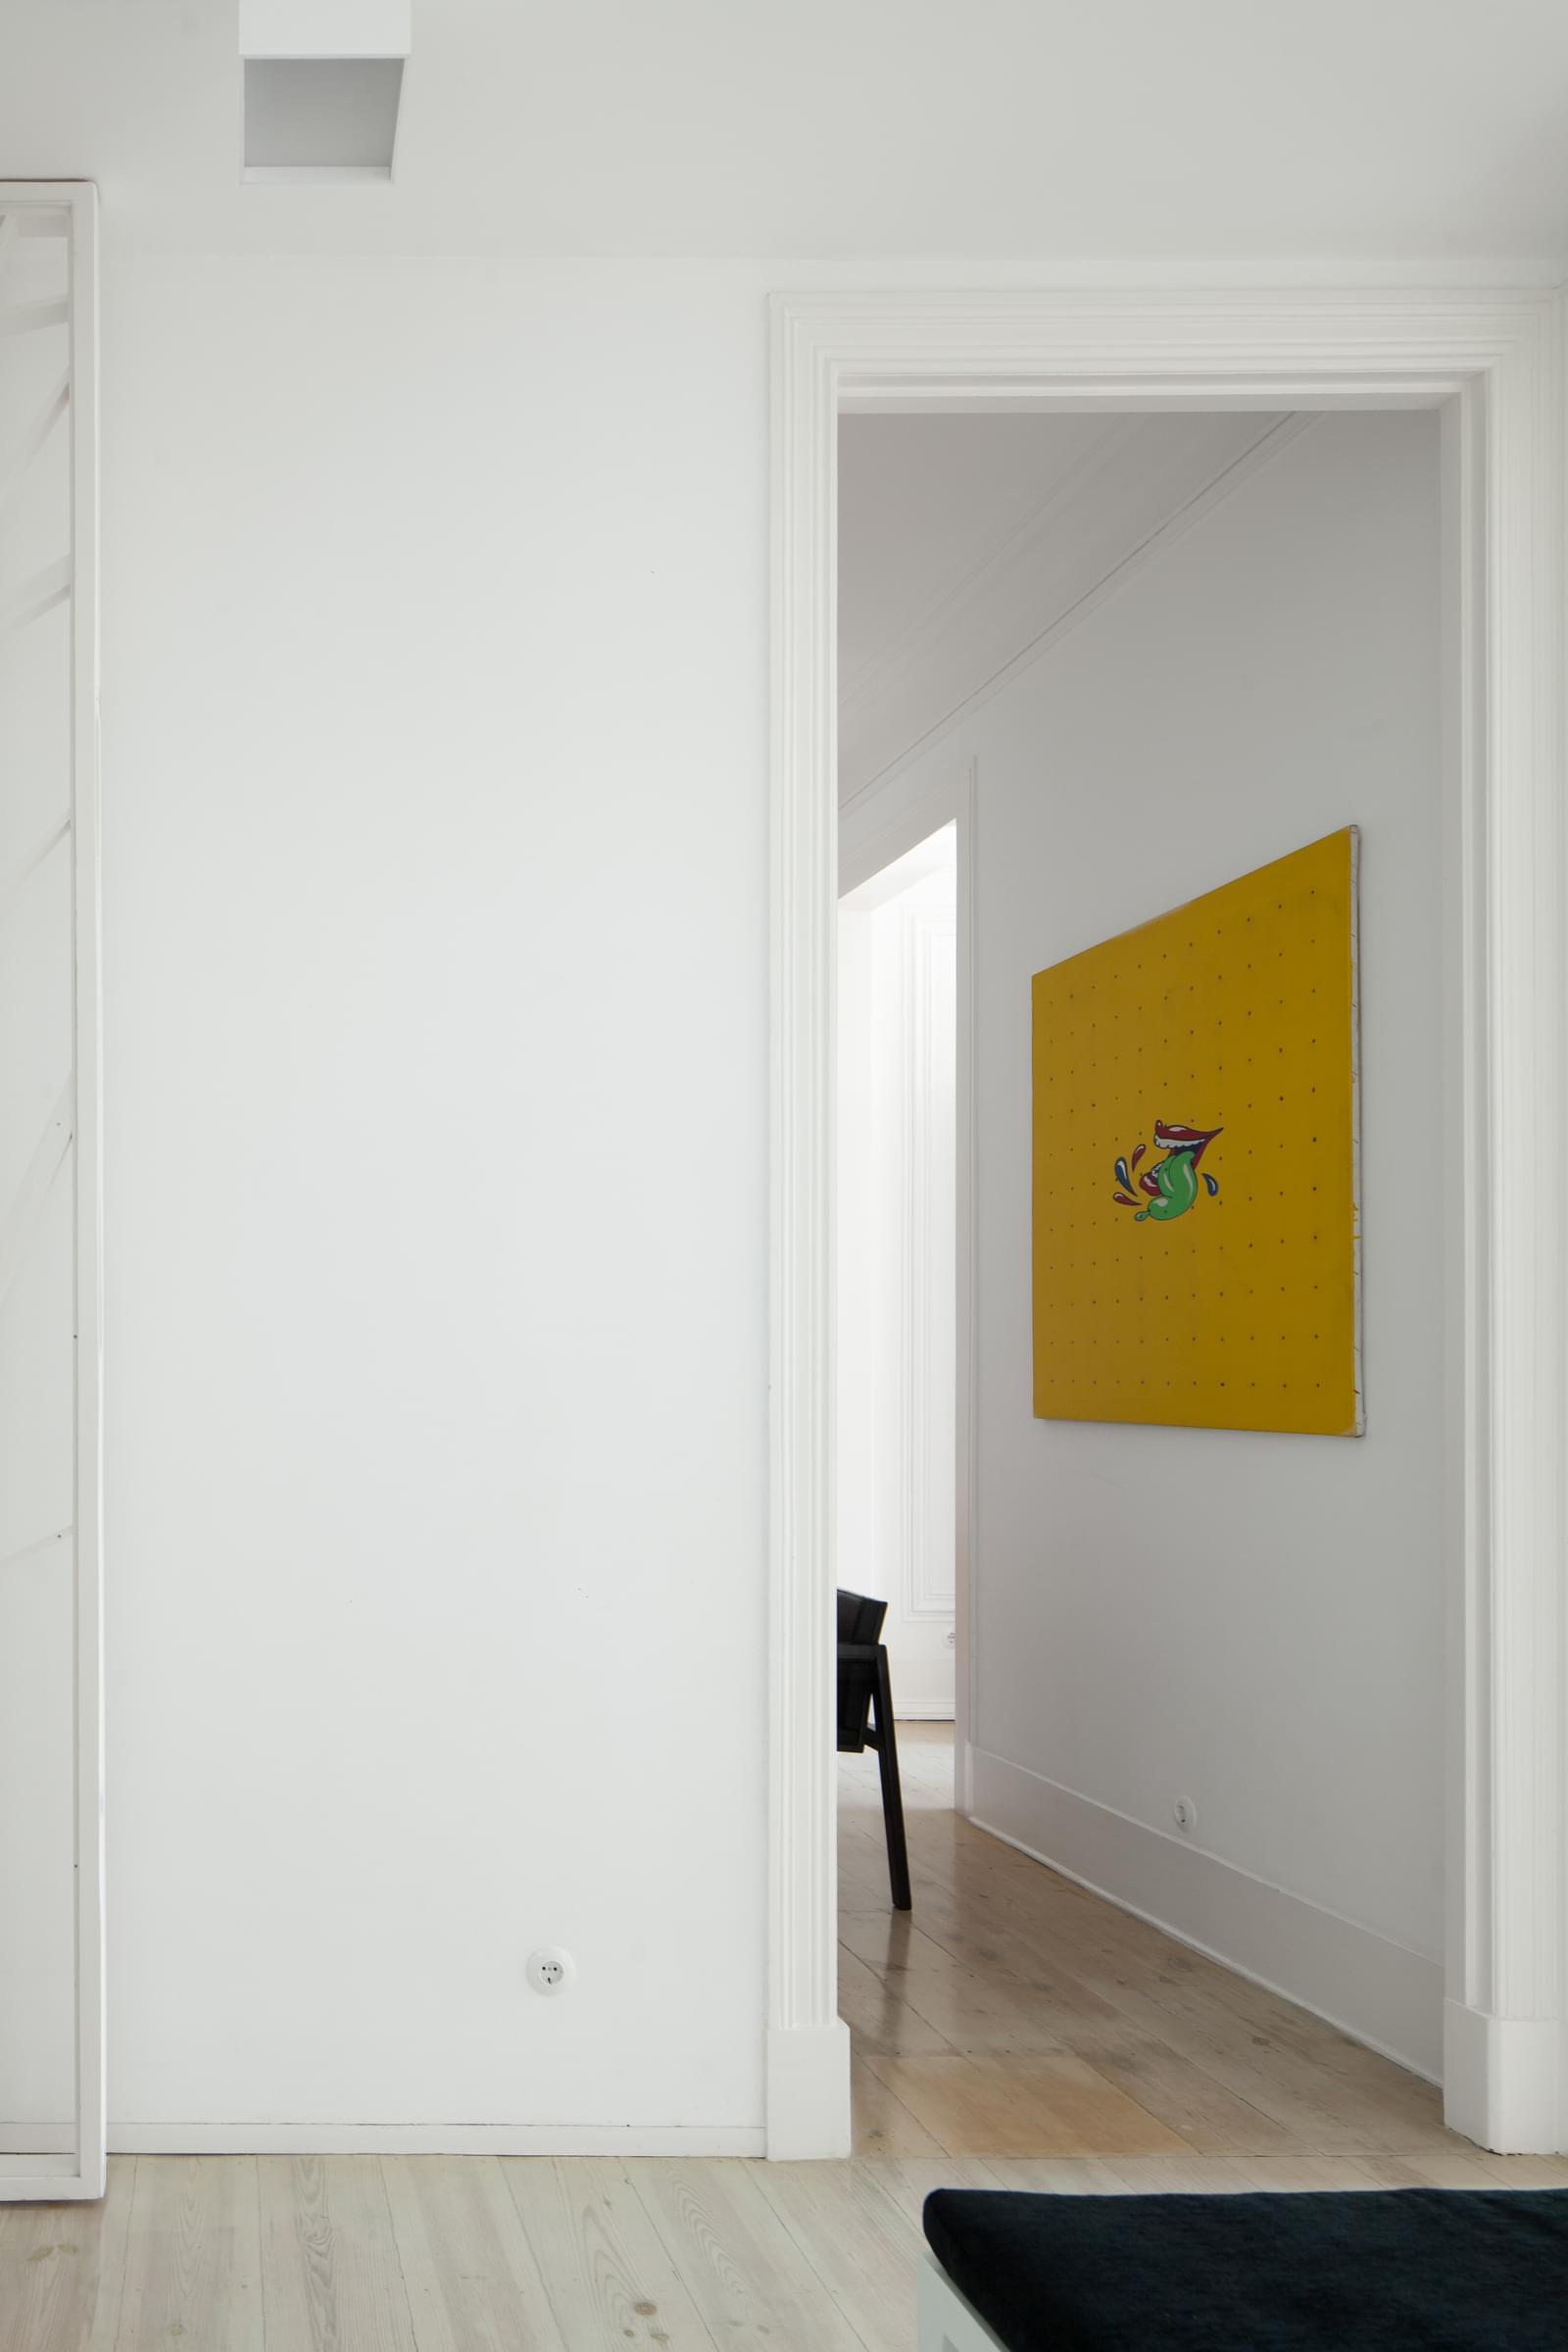 pf17588-apartamento-t4-1-lisboa-635d5ded-a019-4ed5-9469-bd7b9d4a5cdb